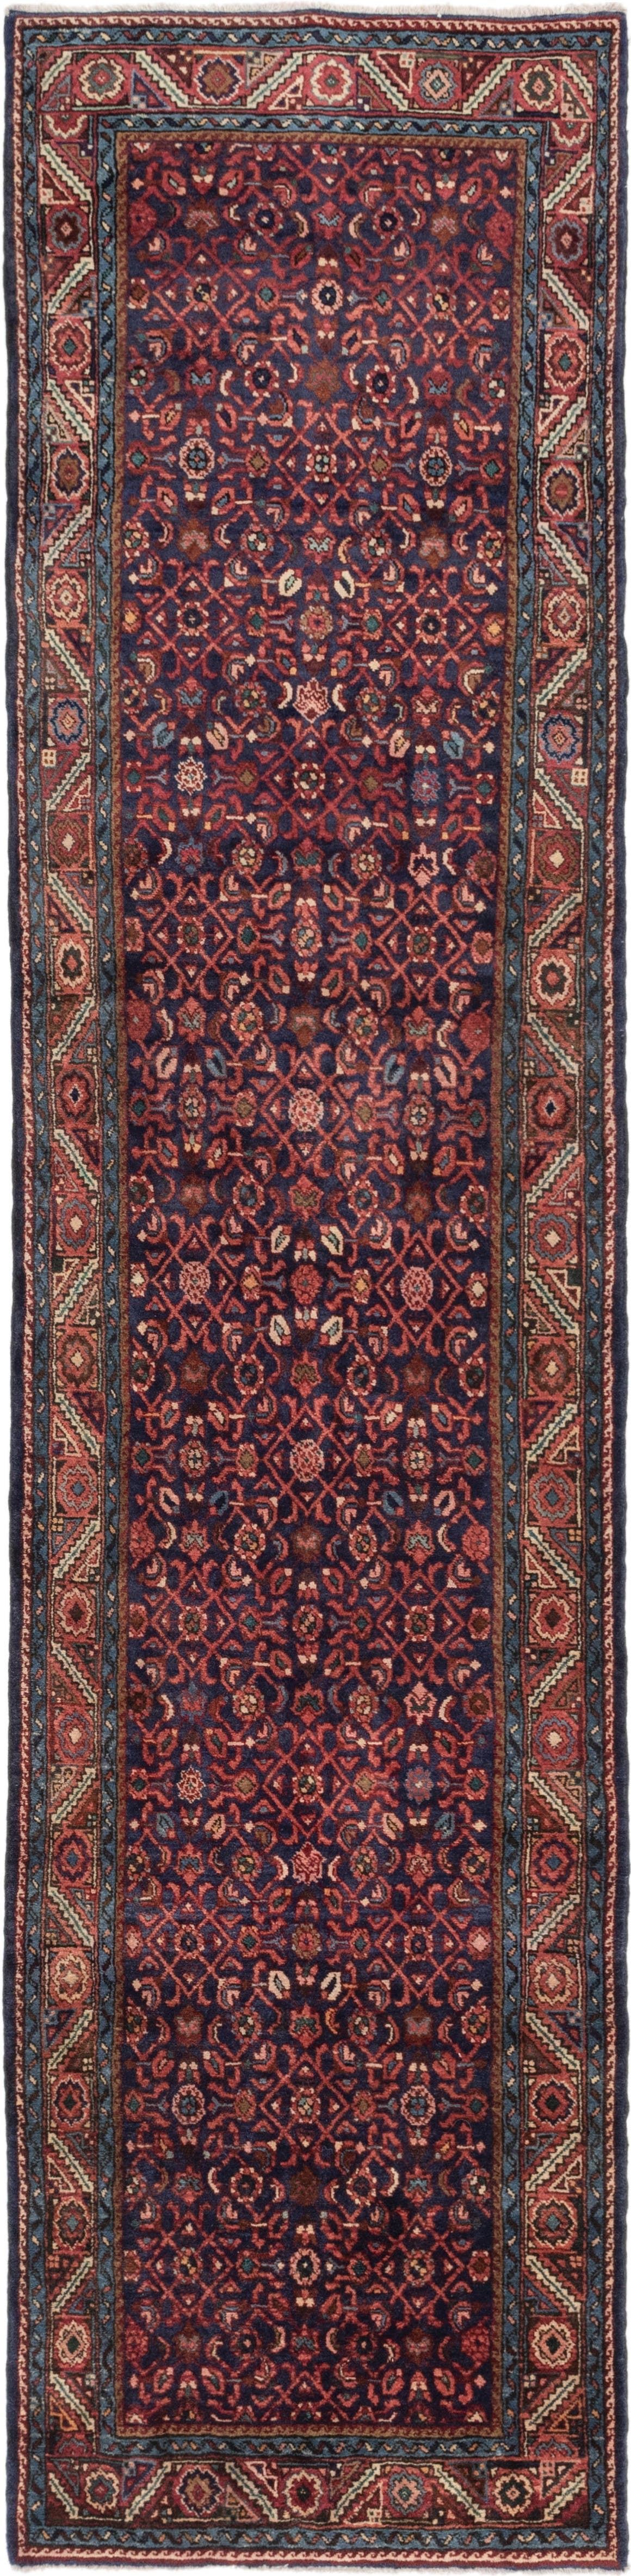 3' 5 x 14' 3 Hossainabad Persian Runner Rug main image